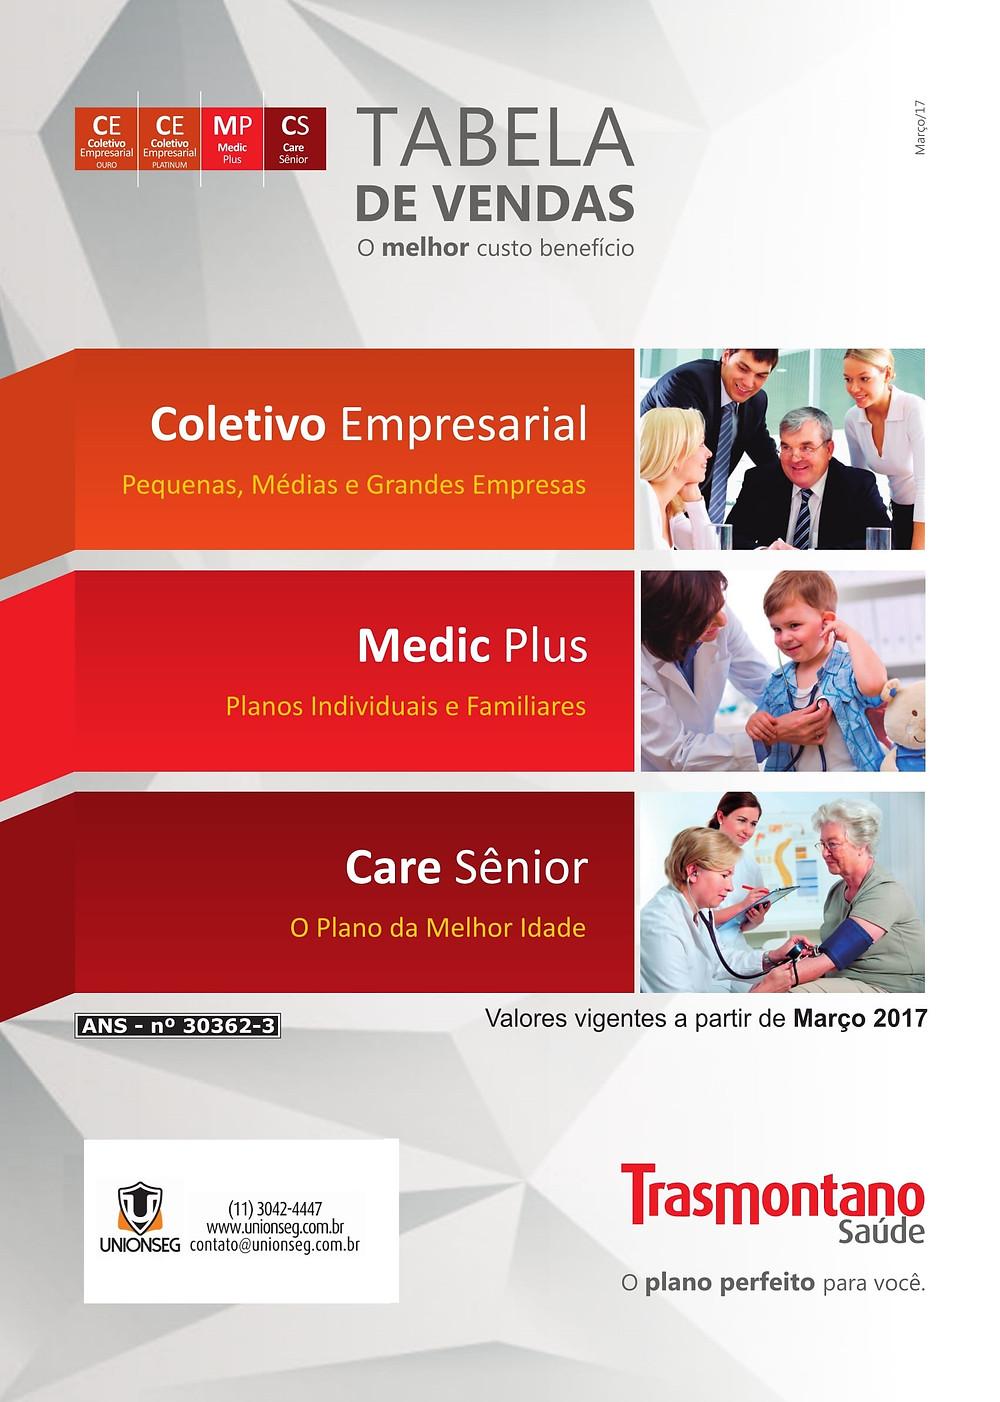 Tabela de Preço Prevident, Trasmontano, tabela trasmontano, plano de saúde, saúde empresarial. terceira idade, melhor idade, unionseg, corretora de seguros